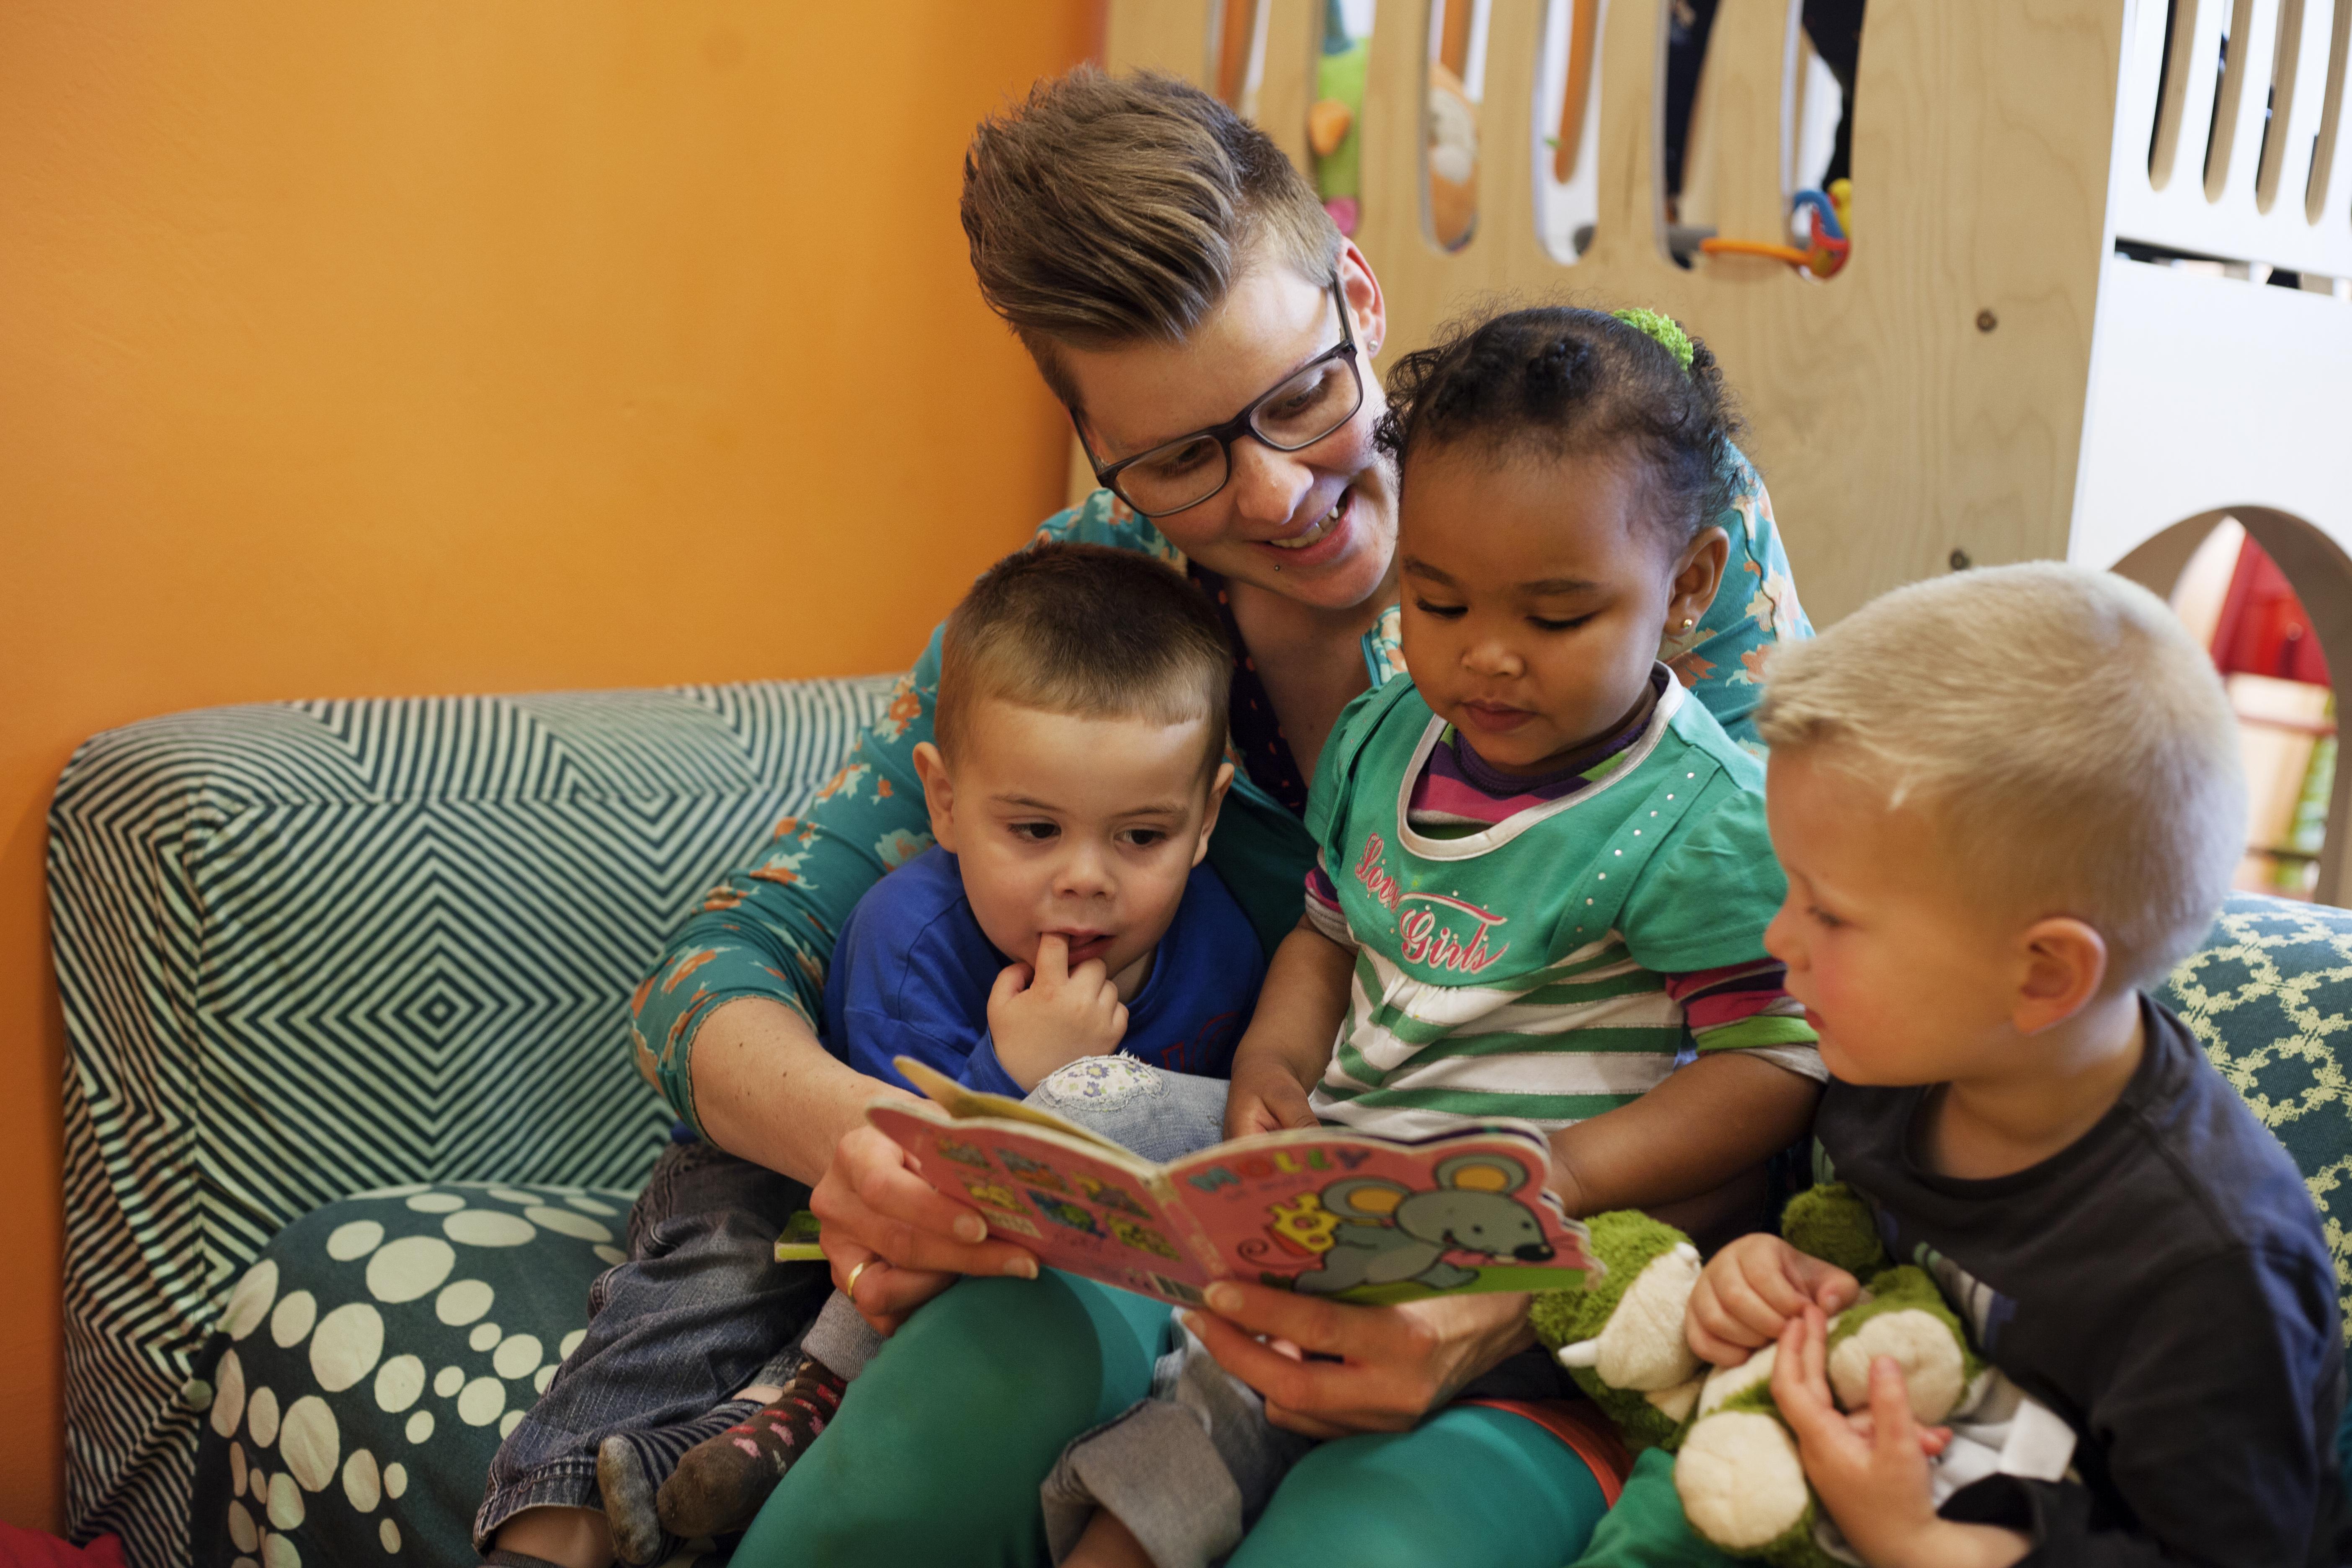 KDV Het Ganzennest Coevorden Kinderdagverblijf dagopvang Coevorden Drenthe Kids First COP groep